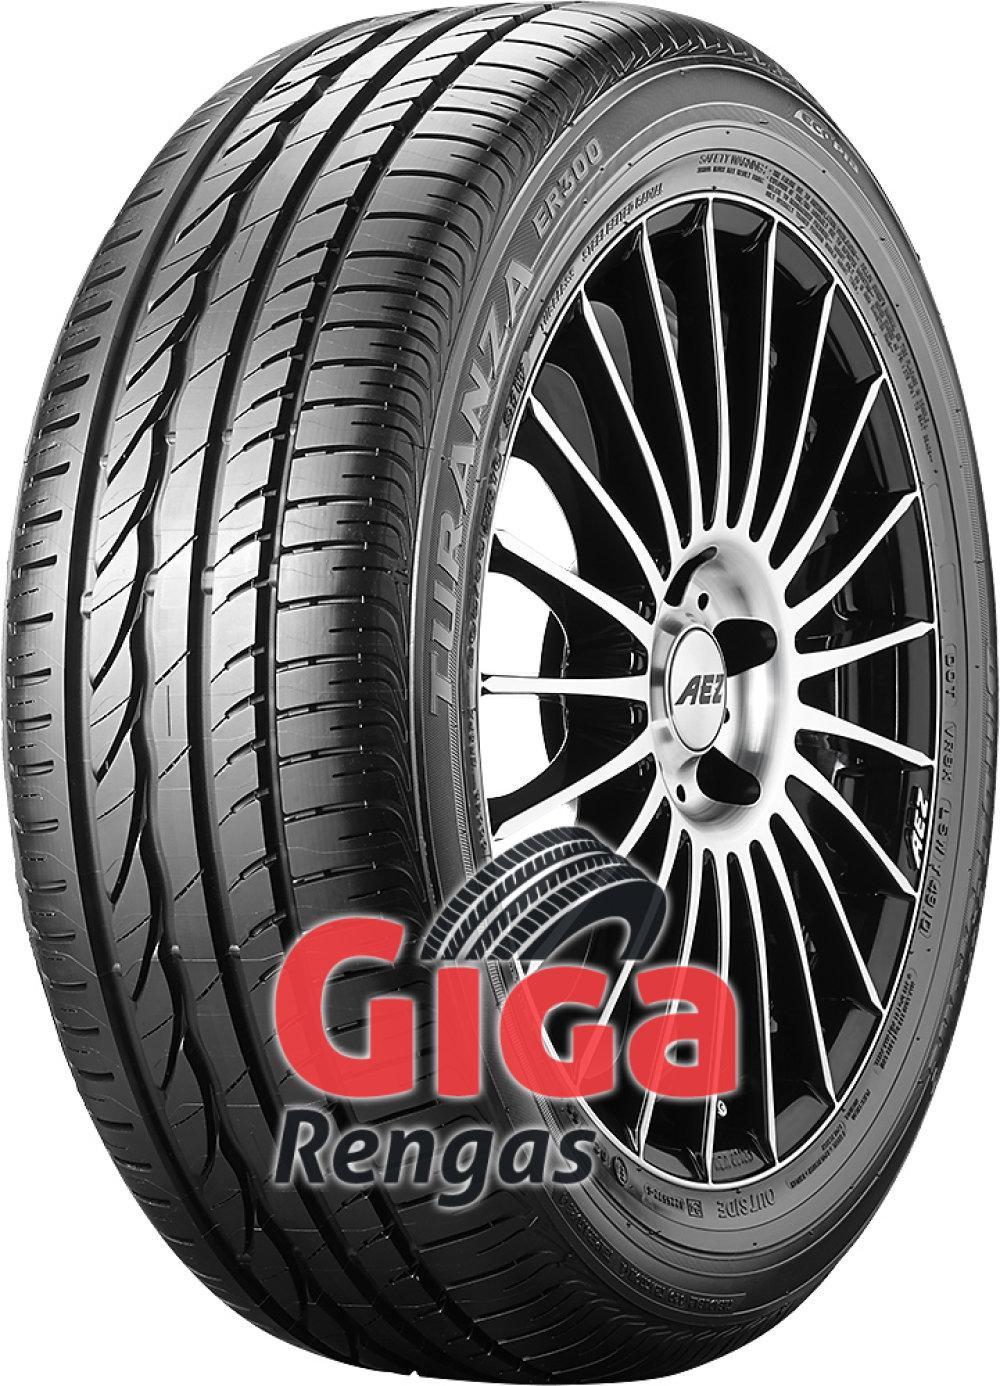 Bridgestone Turanza ER 300 Ecopia ( 205/55 R16 91V vannesuojalla (MFS) )